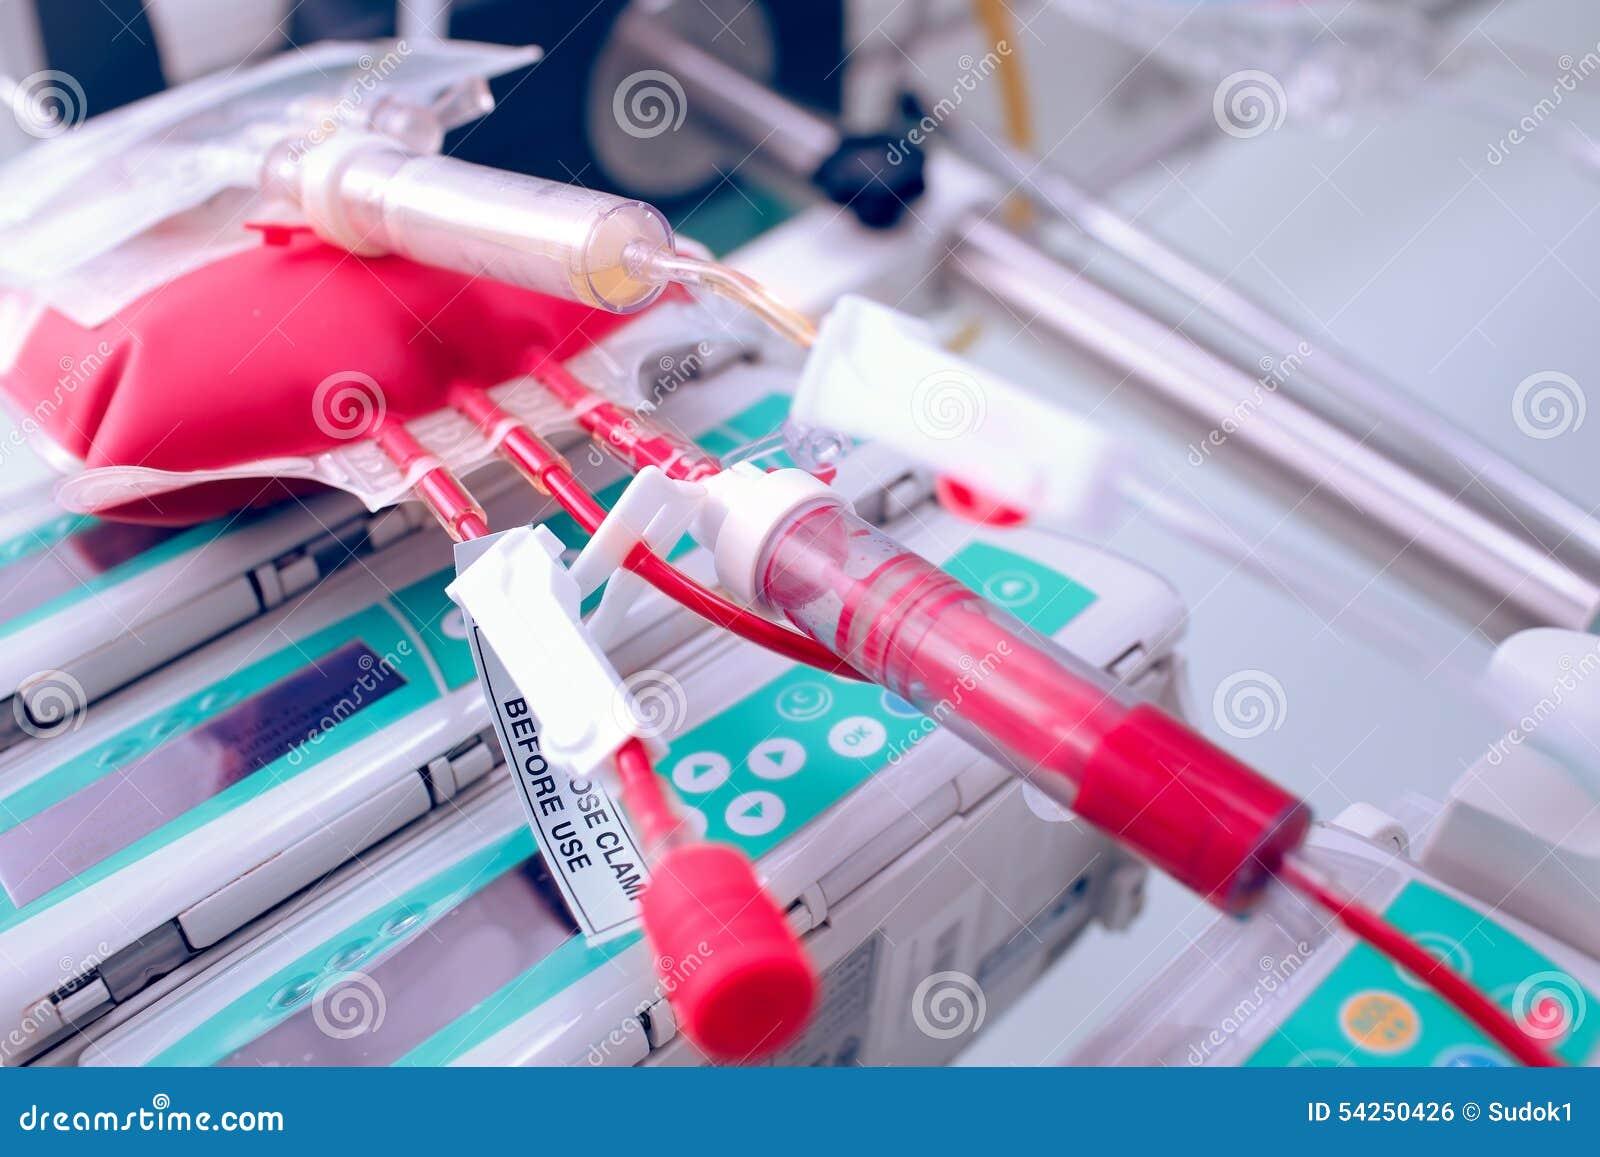 Gespendete Bluttransfusionen für kritisch kranke Patienten